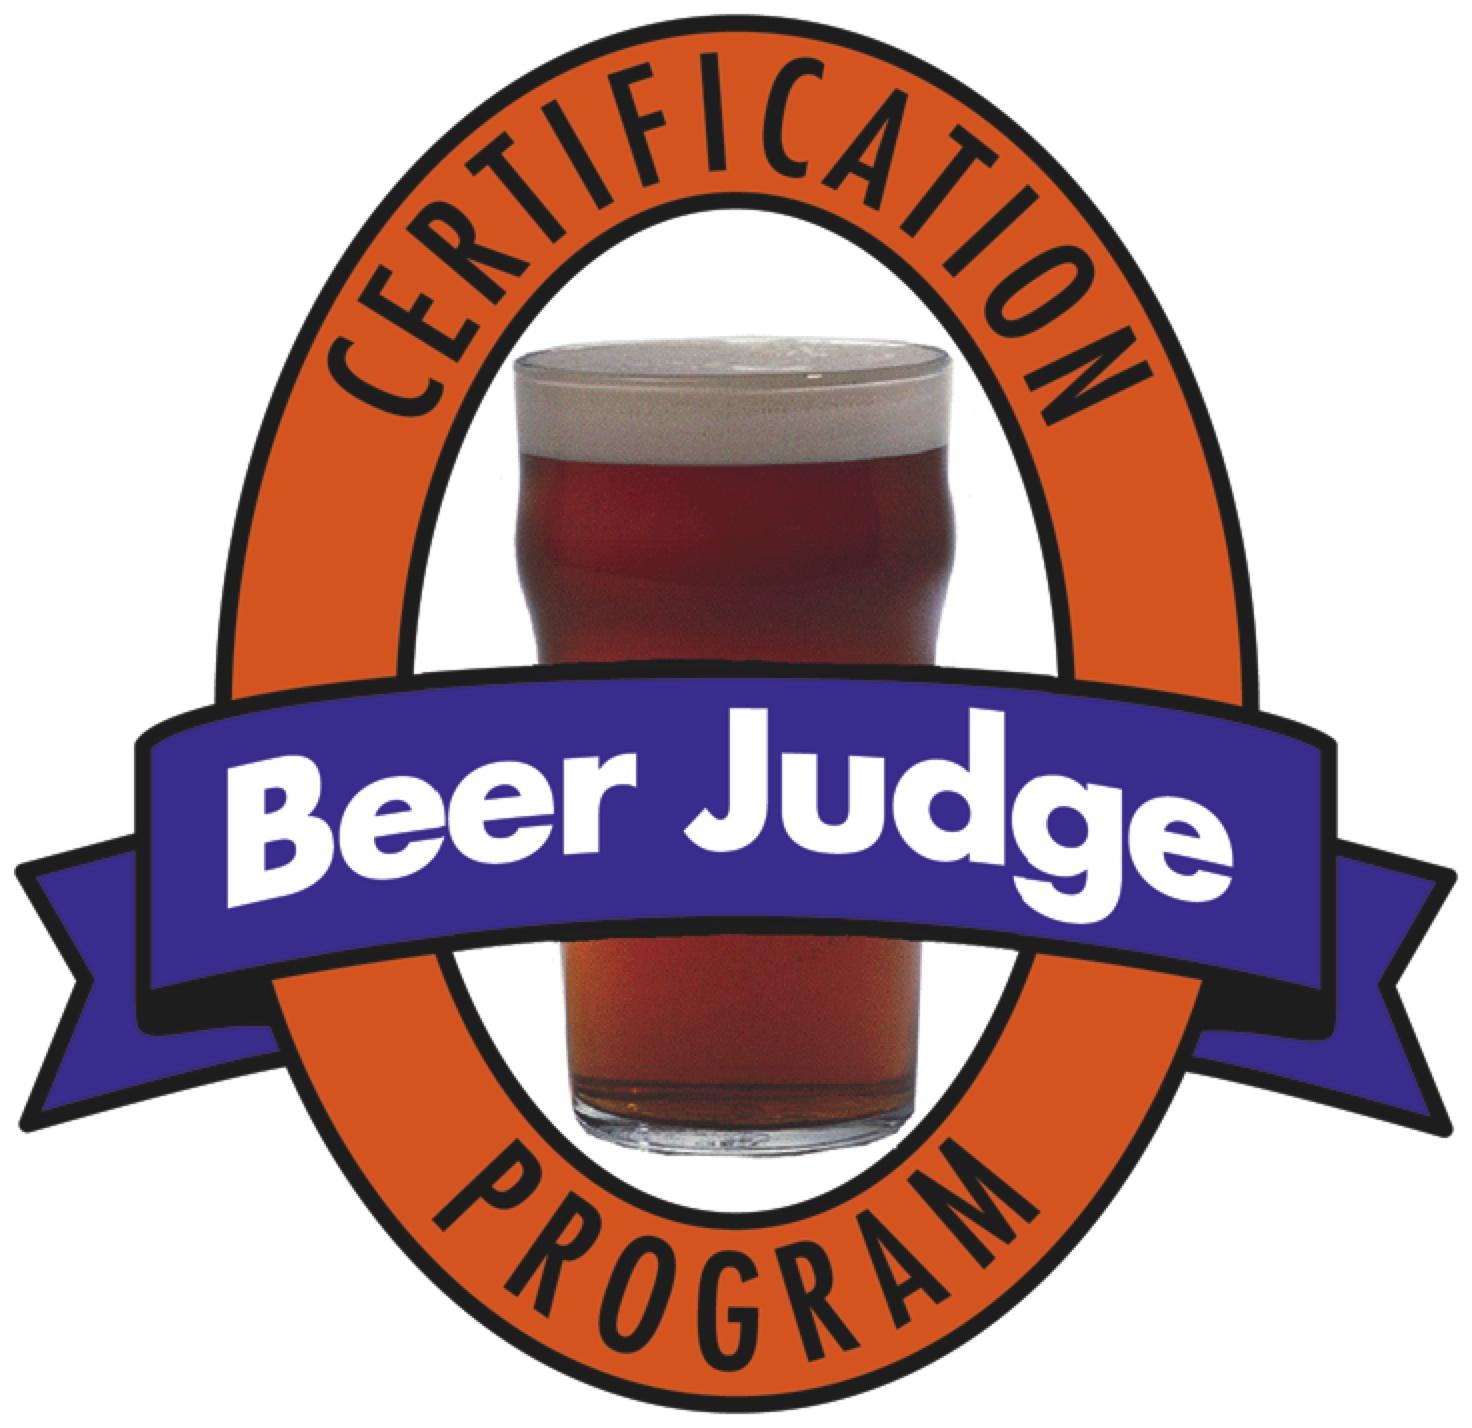 Gueuze: una aproximación a una de las cervezas más antiguas de Bélgica